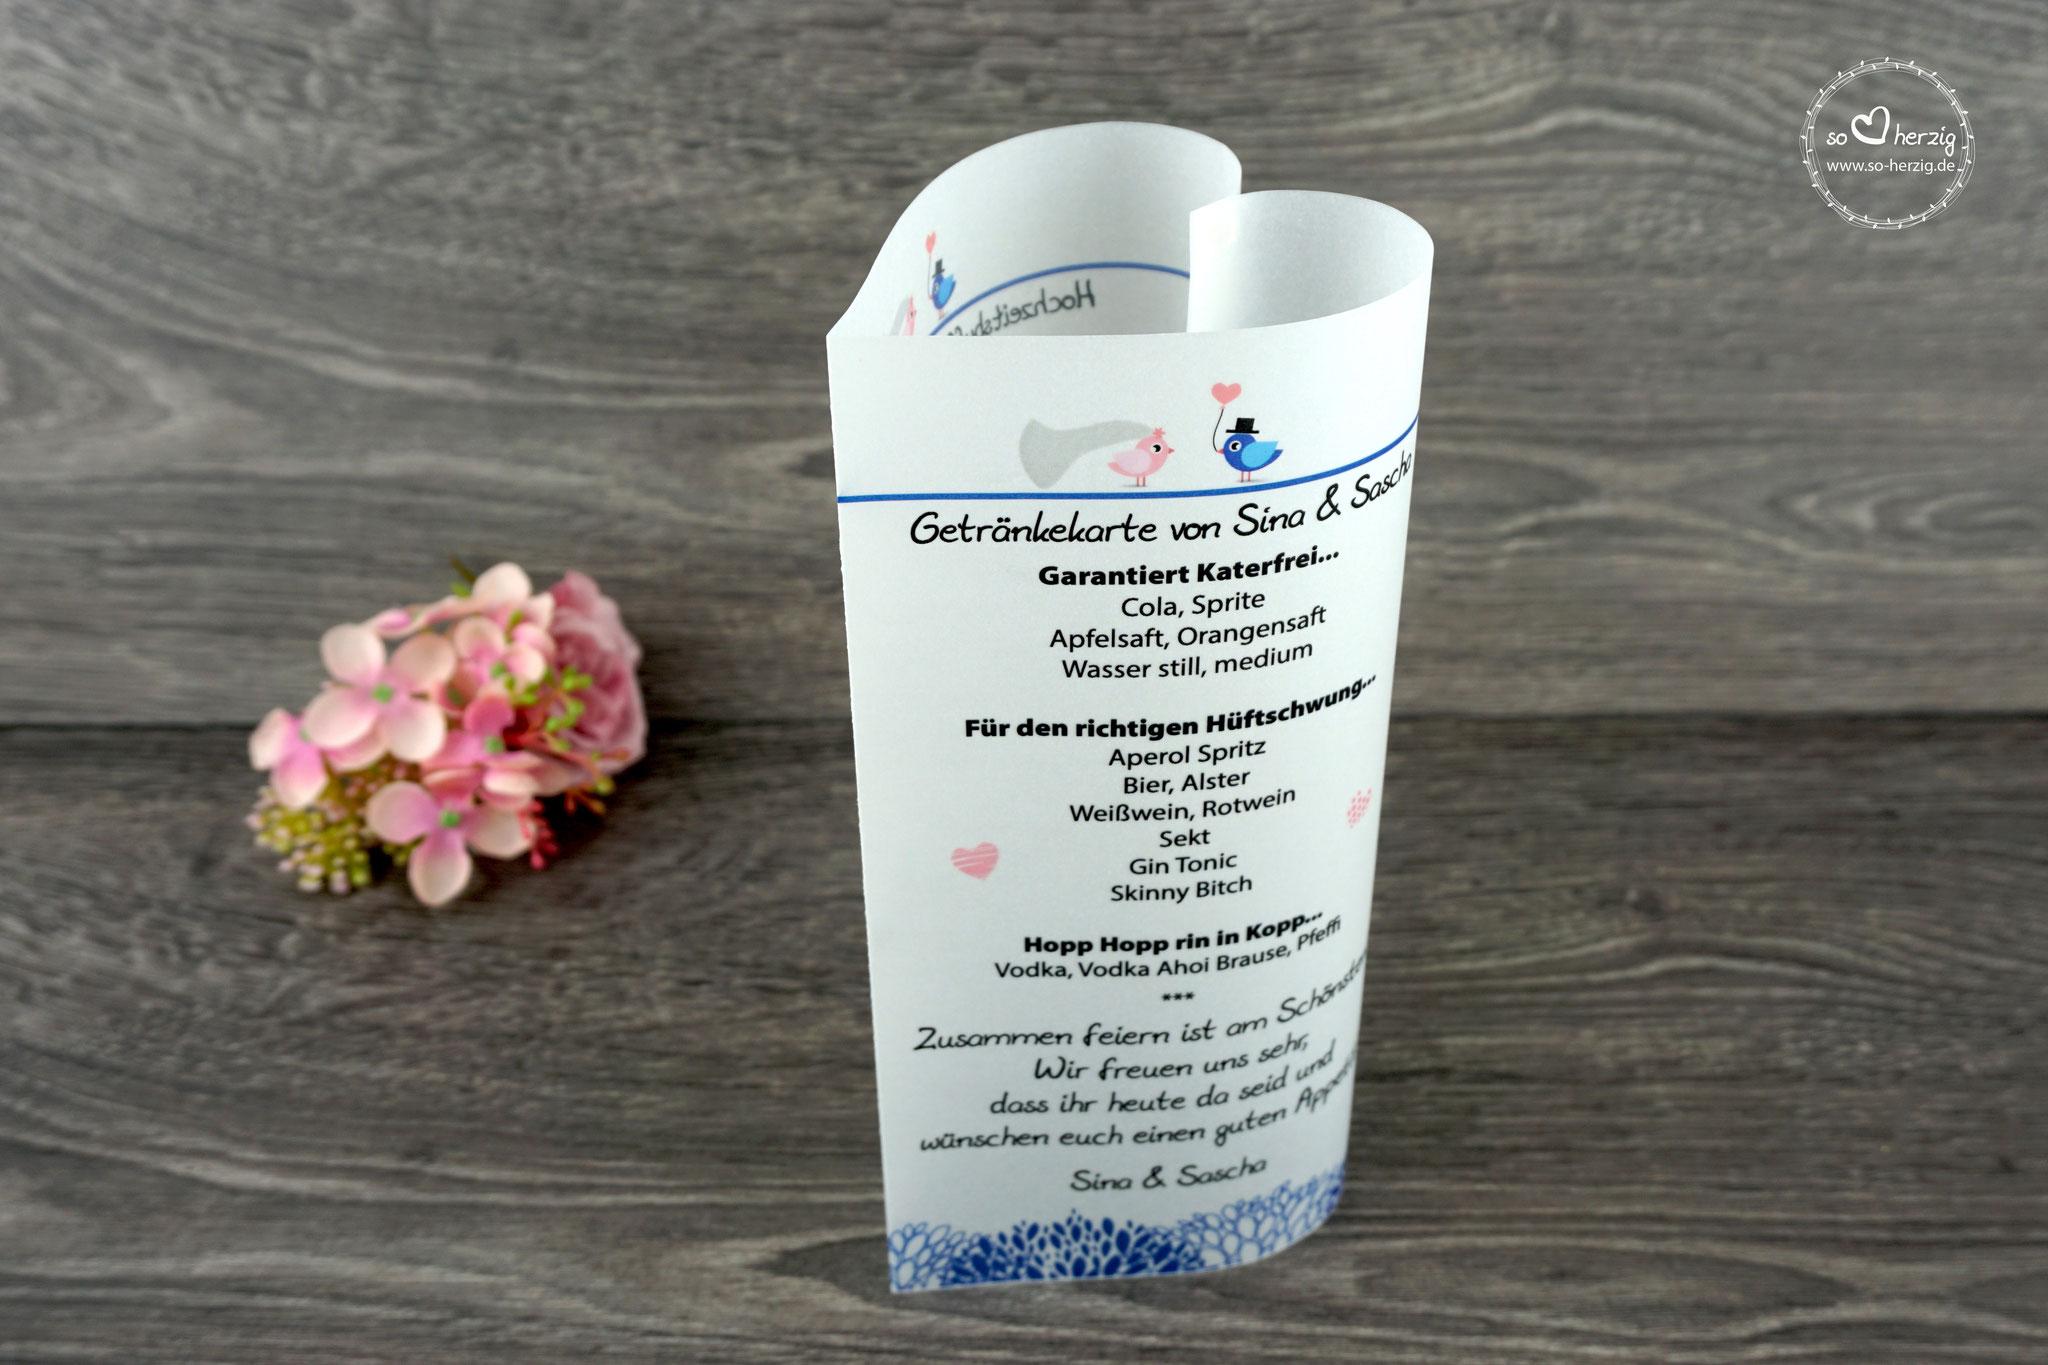 Menü,- und Getränkekarte 17cm, Design Hochzeitsvögel, Farbe Royalblau/Puderrosa, Schrift Julius B Thyssen